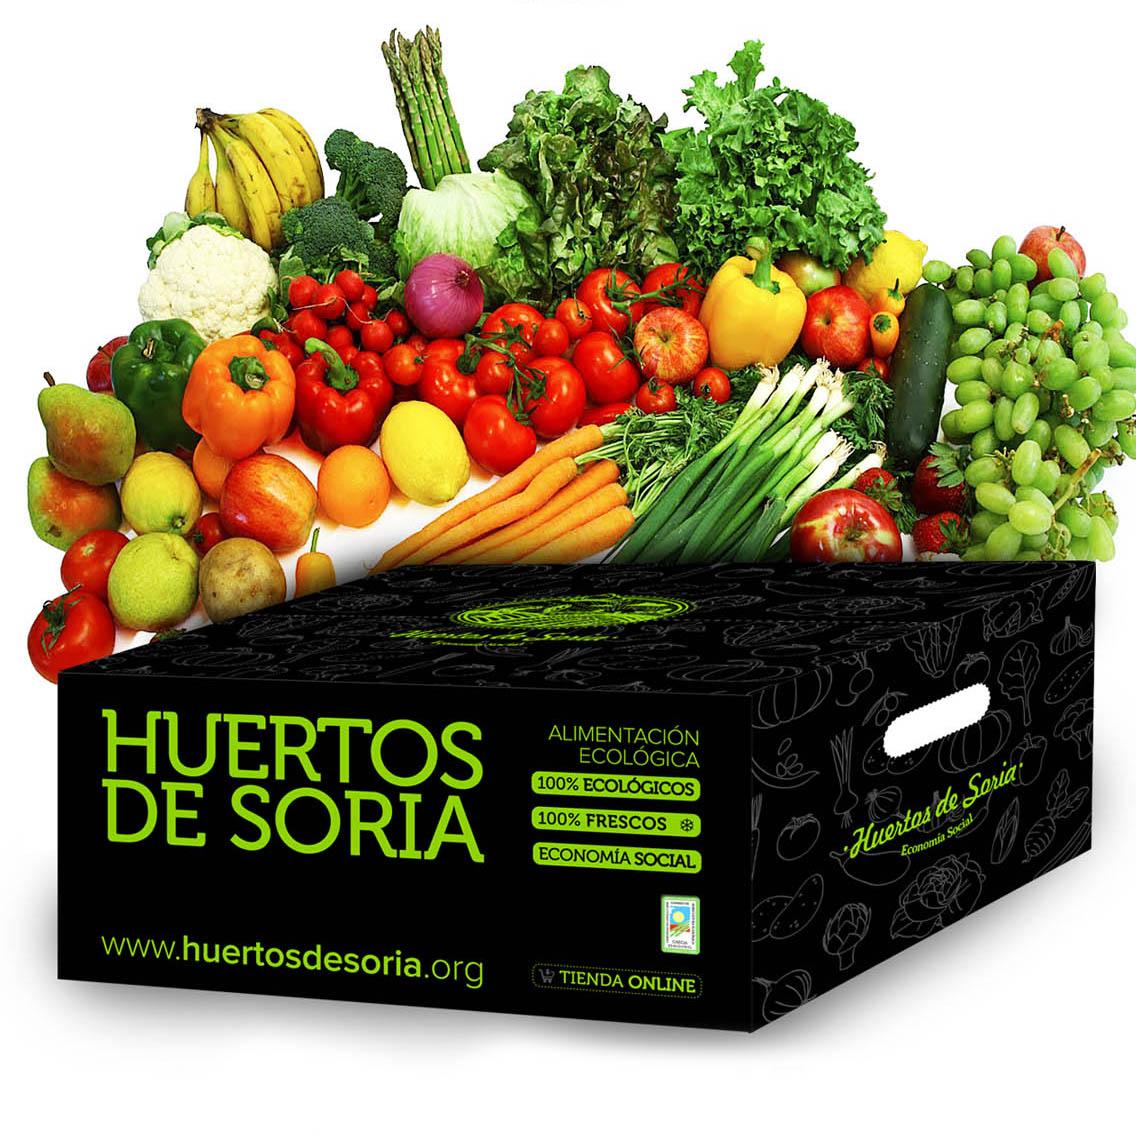 Cesta de 5 kgs de Fruta y Verdura Ecológica